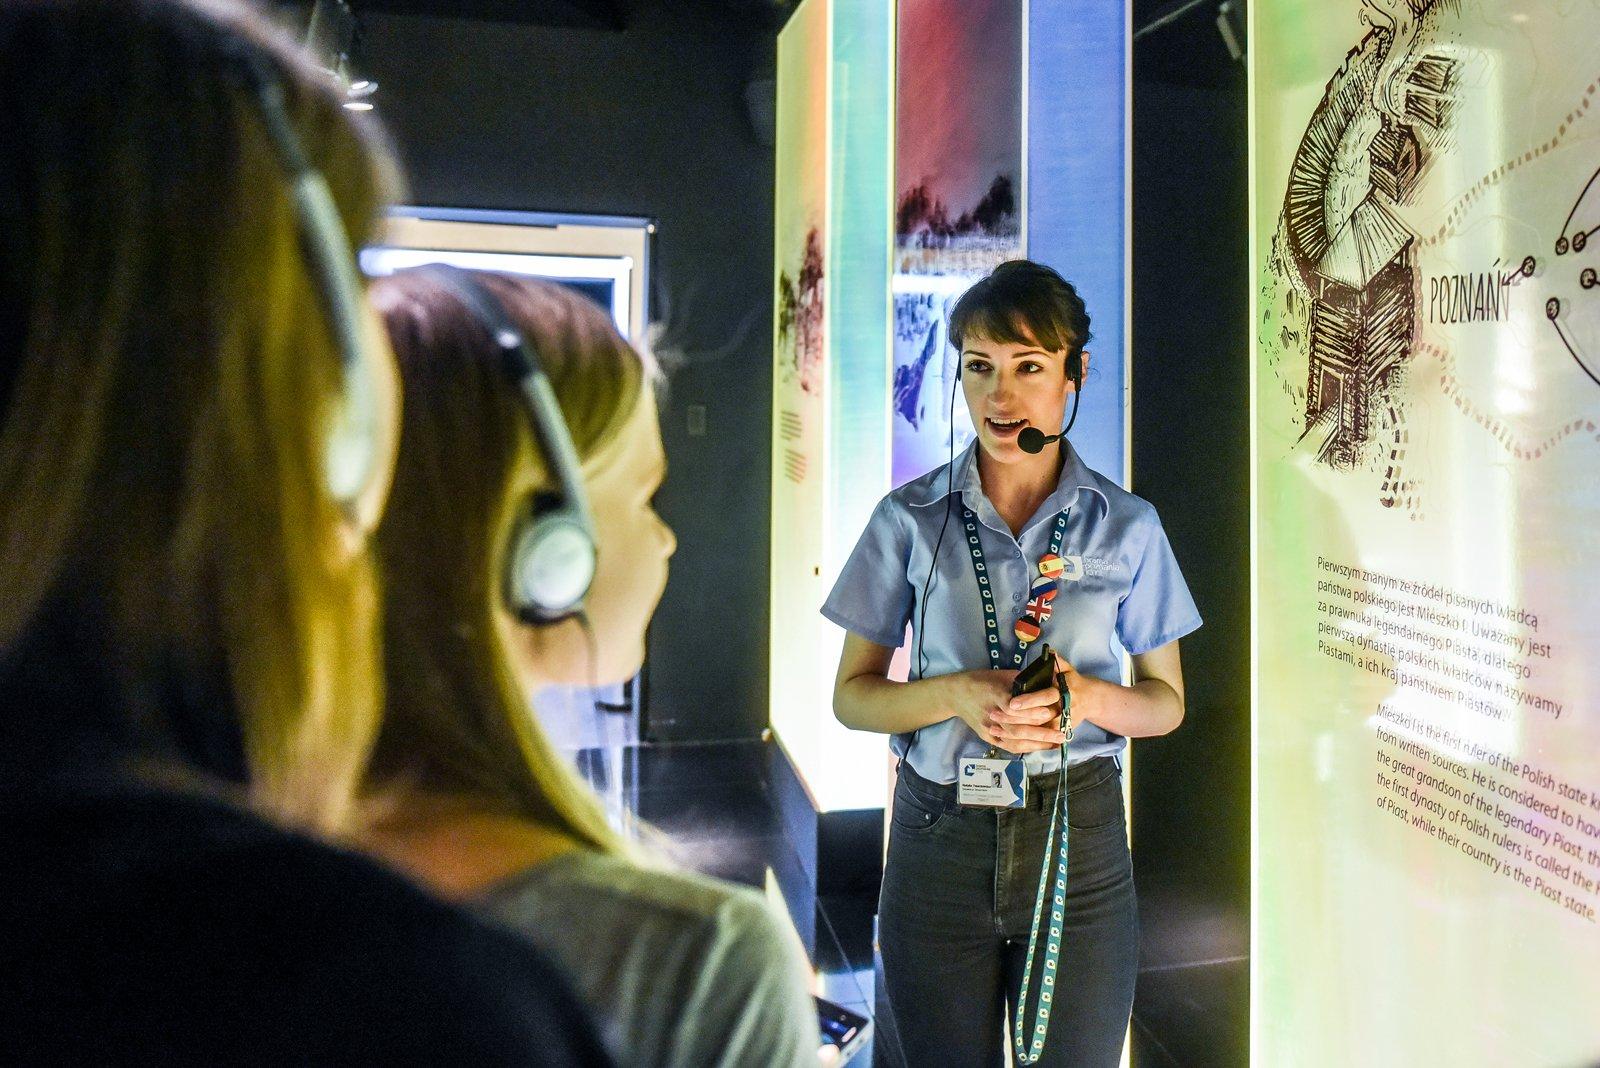 Dźwięki Ostrowa Tumskiego – oprowadzanie dla rodzin po ekspozycji